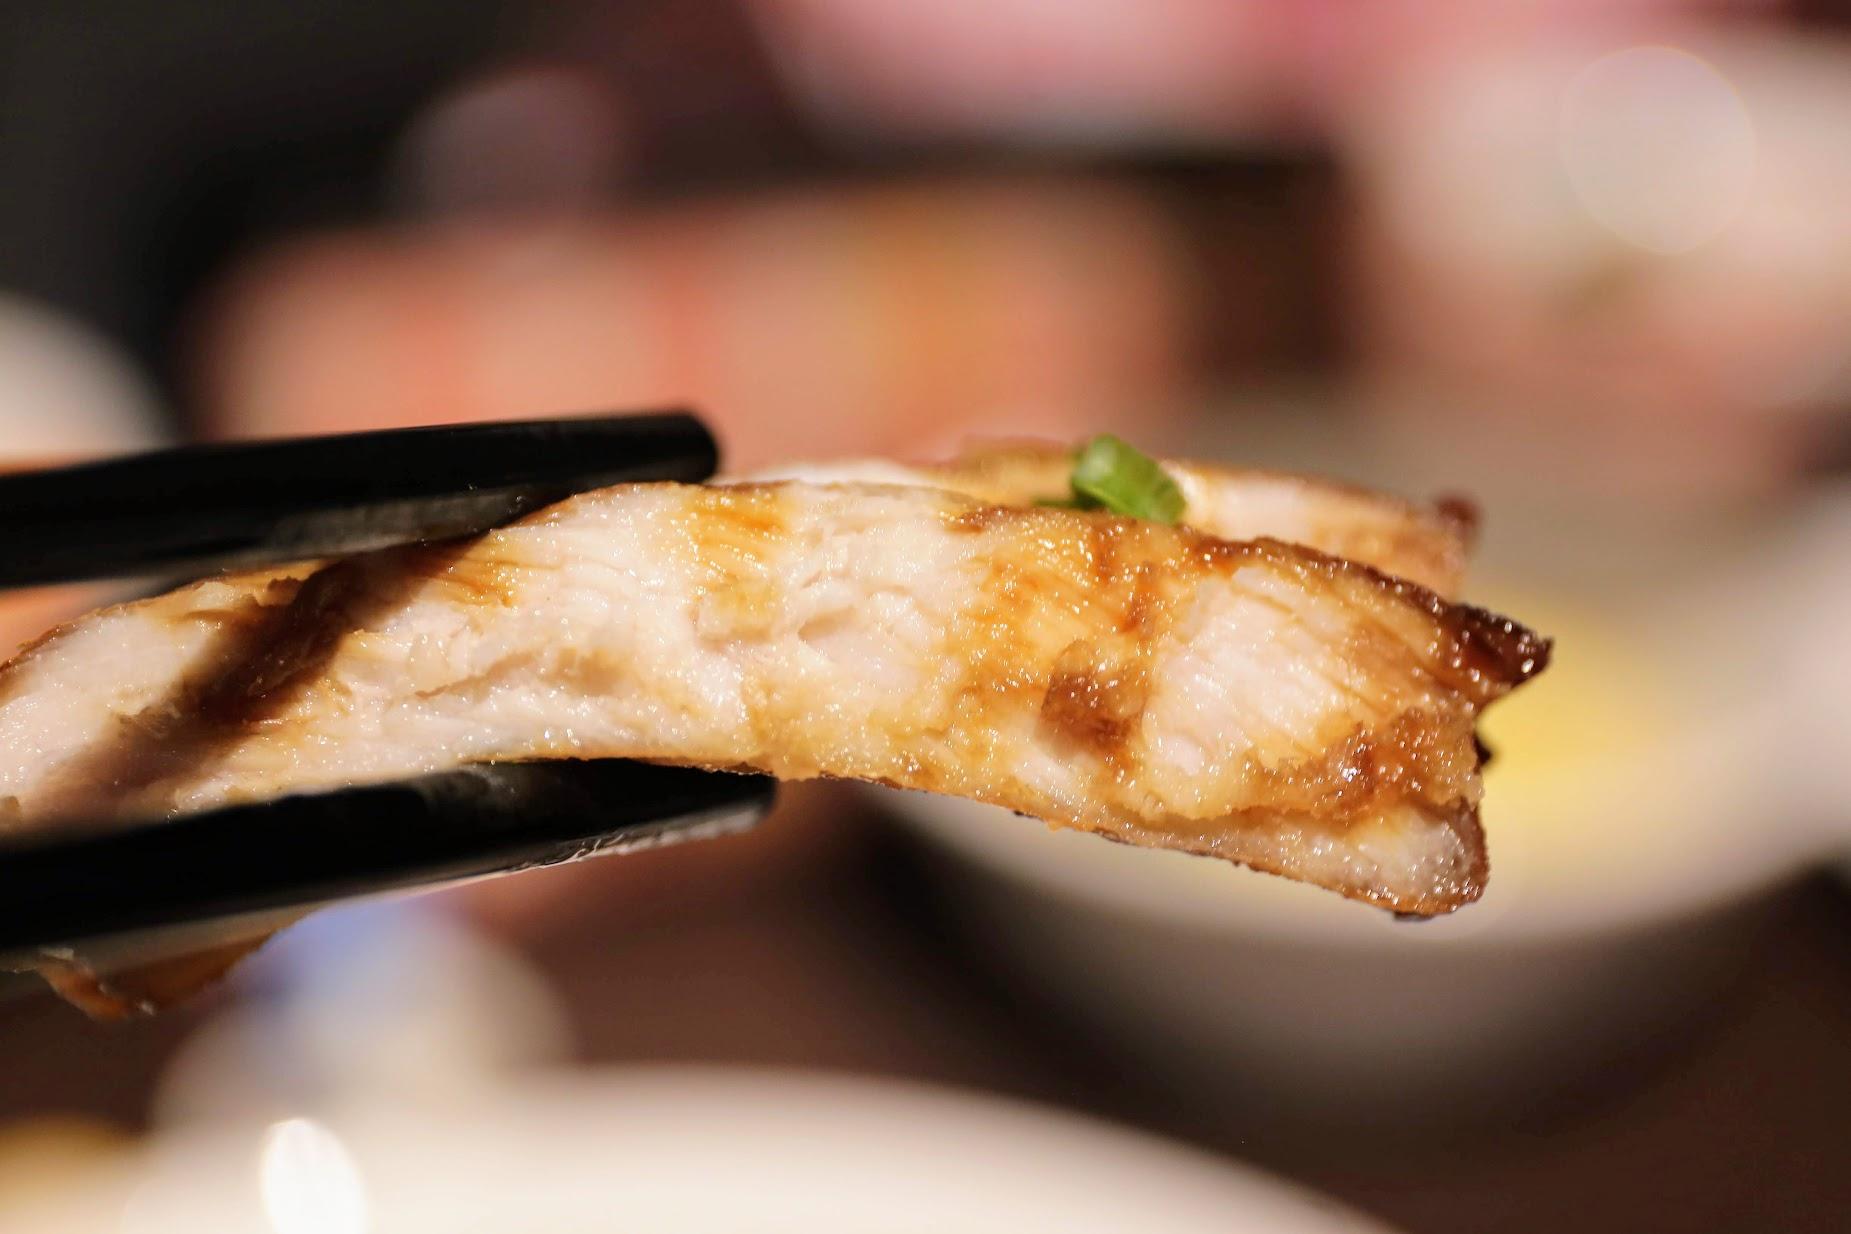 豬排是薄片的,個人覺得厚片的比較讚,不過薄片的有淋上醬汁,跟著飯吃不錯....